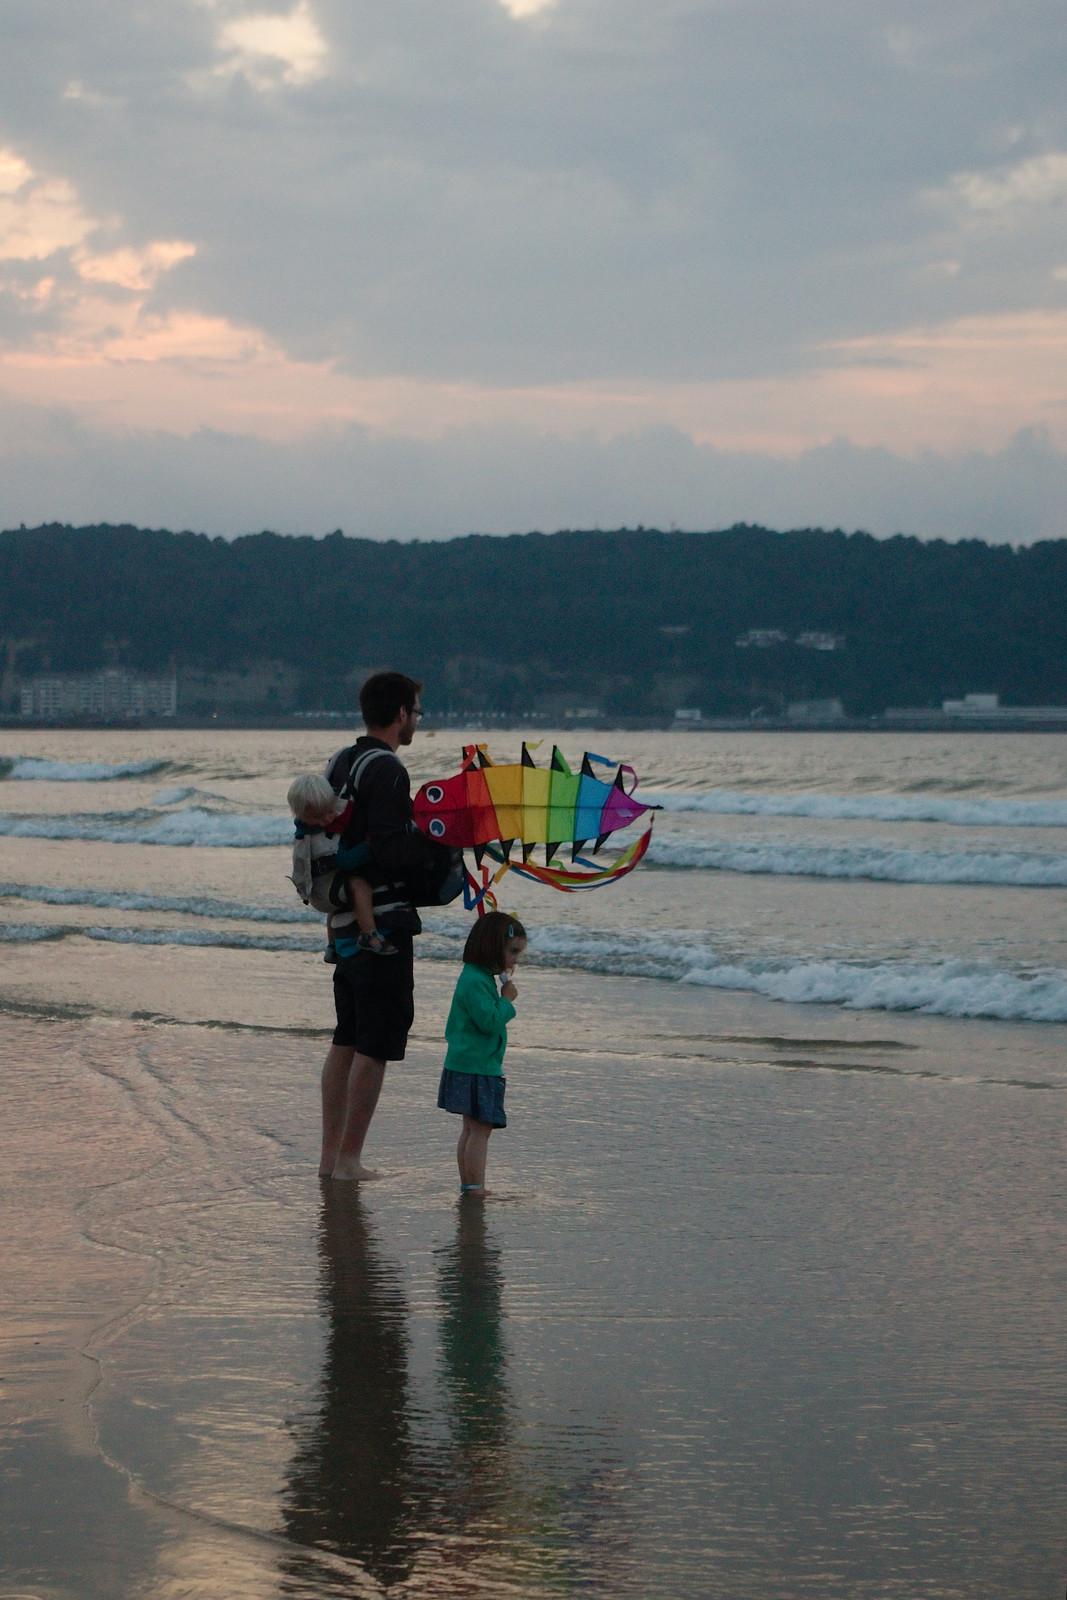 Glaces et cerf-volant sur la plage d'Hendaye au coucher du soleil